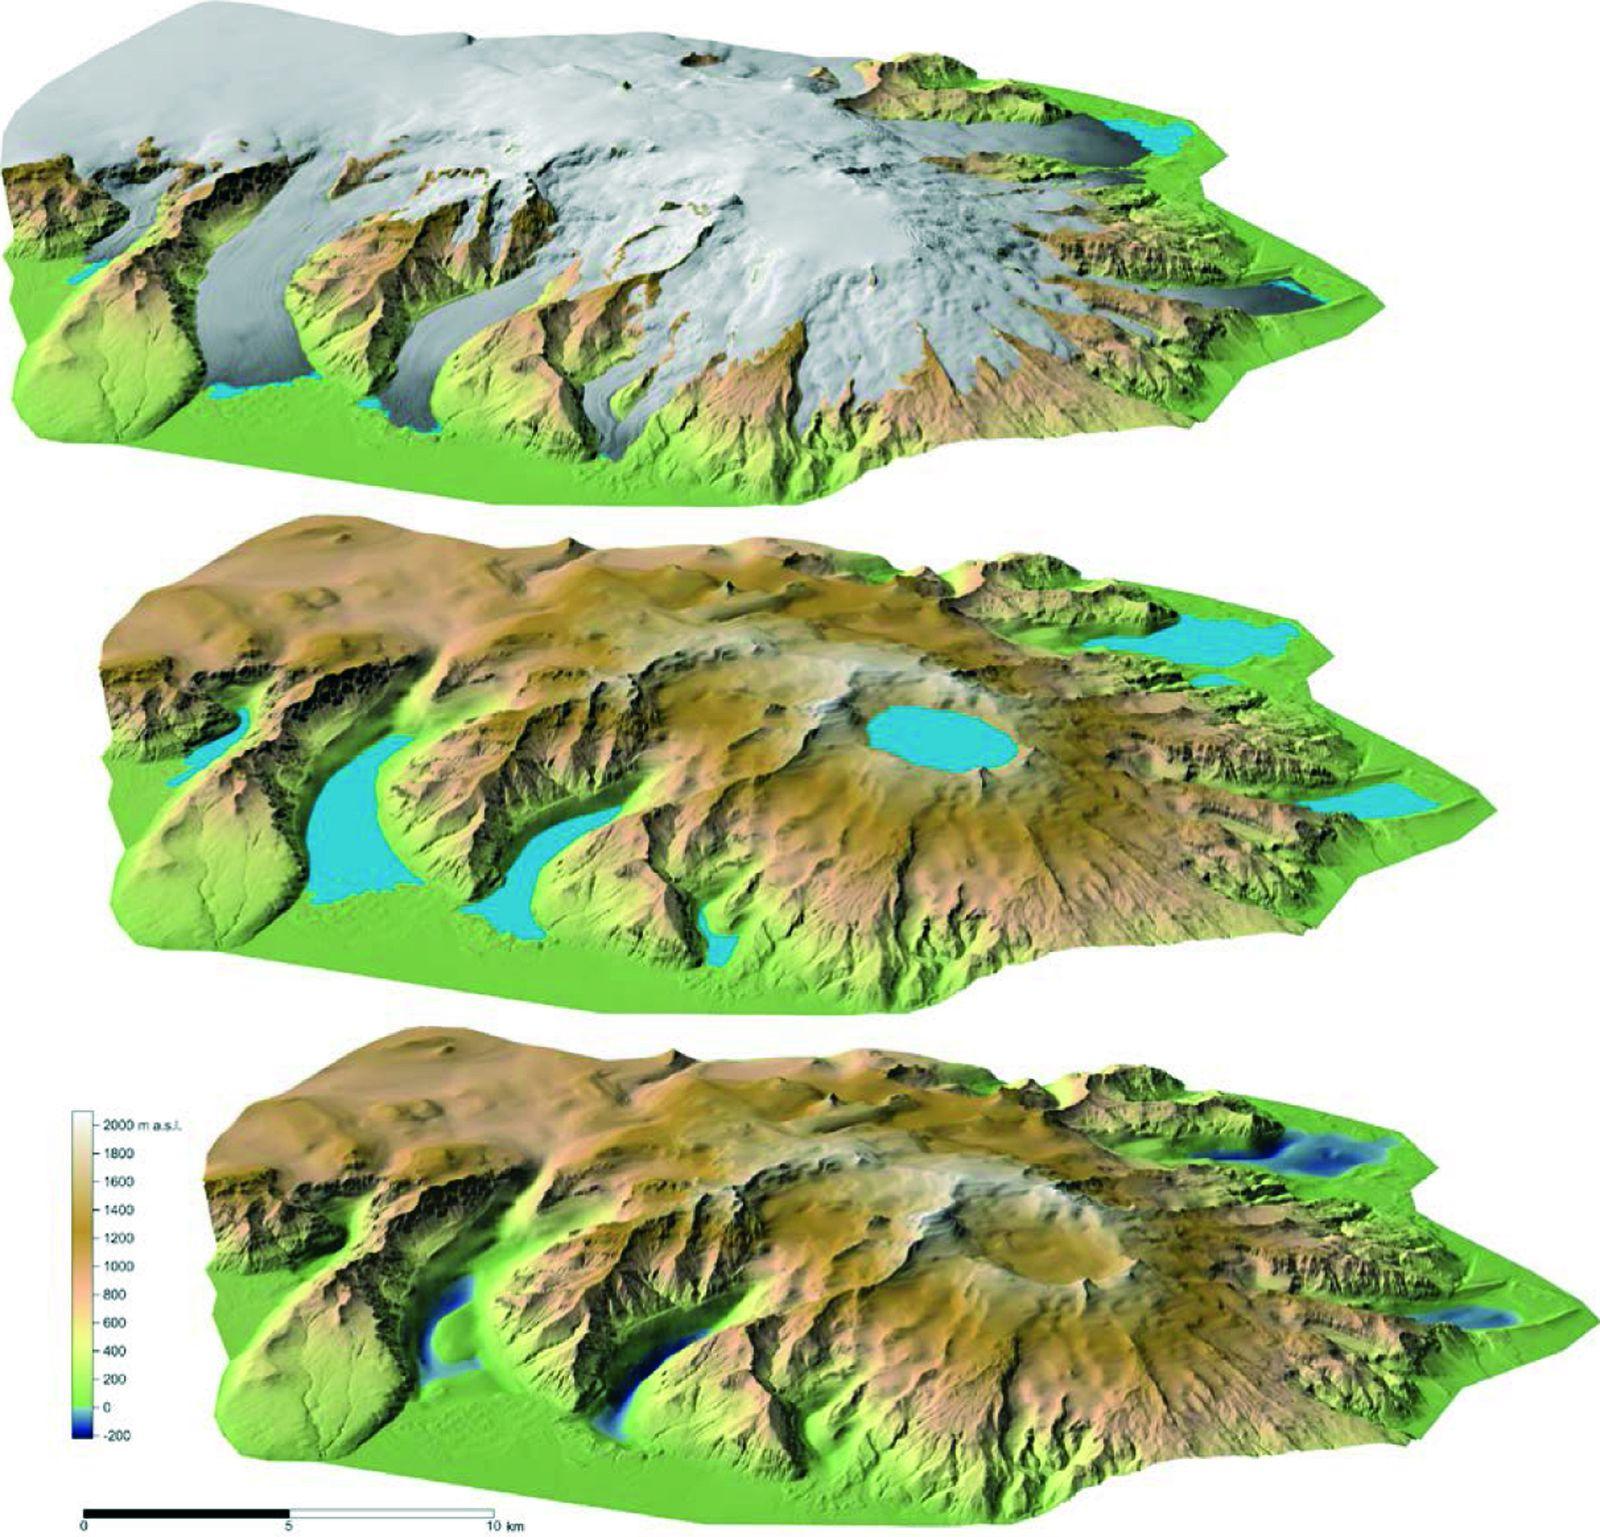 Vue en perspective du SSO de la calotte glaciaire de l'Öraefajökull (au dessus) et du substrat rocheux (dessous). Au centre, le remplacement de la calotte glaciaire par des lacs dans de larges dépressions. - doc. Removing the ice cap of Öræfajökull central volcano, SE-Iceland: Mapping and interpretation of bedrock topography, ice volumes, subglacial troughs and implications for hazards assessments Eyjólfur Magnússon, Finnur Pálsson , Helgi Björnsson and Snævarr Guðmundsson  - 2014